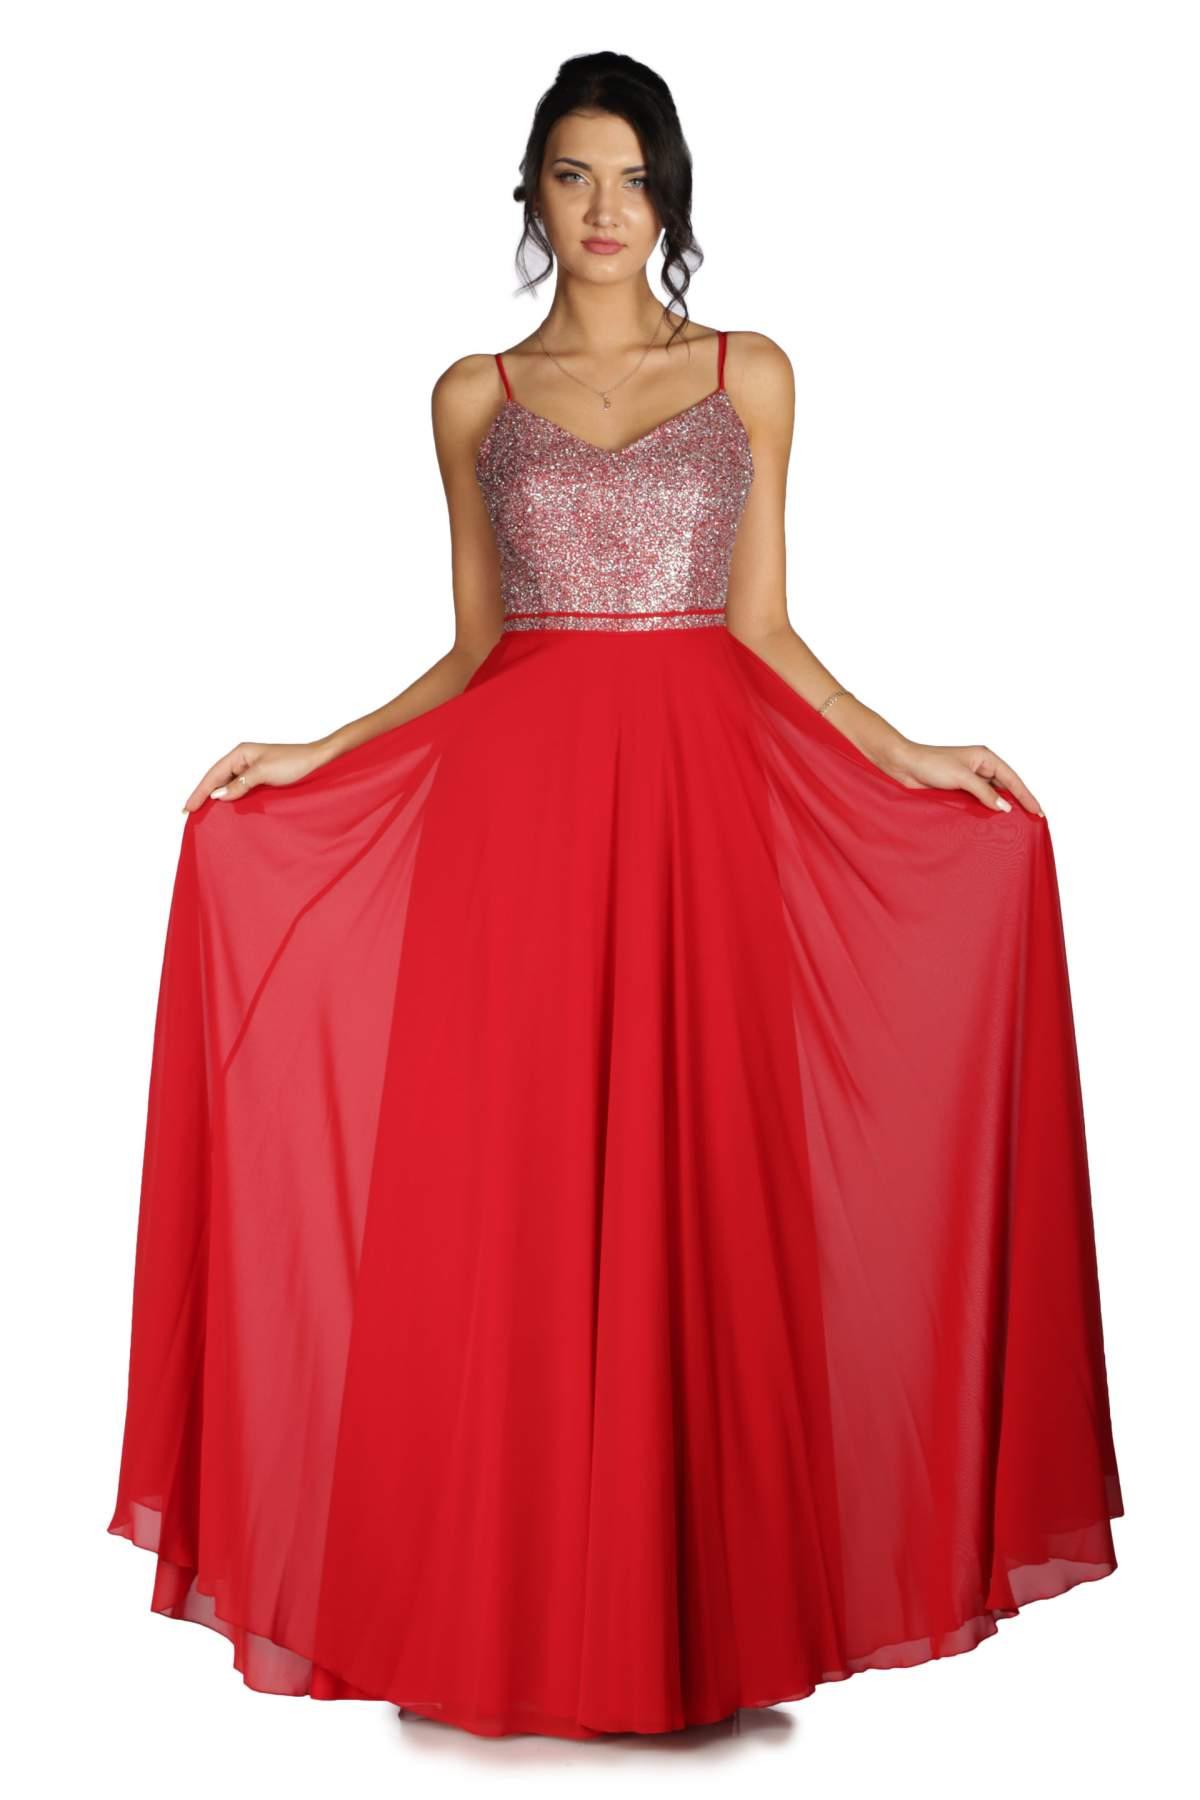 8c5c7d49d720f Pierre Cardin Kırmızı Üstü Simli Altı Şifon Uzun Abiye Elbise - OLASTORM